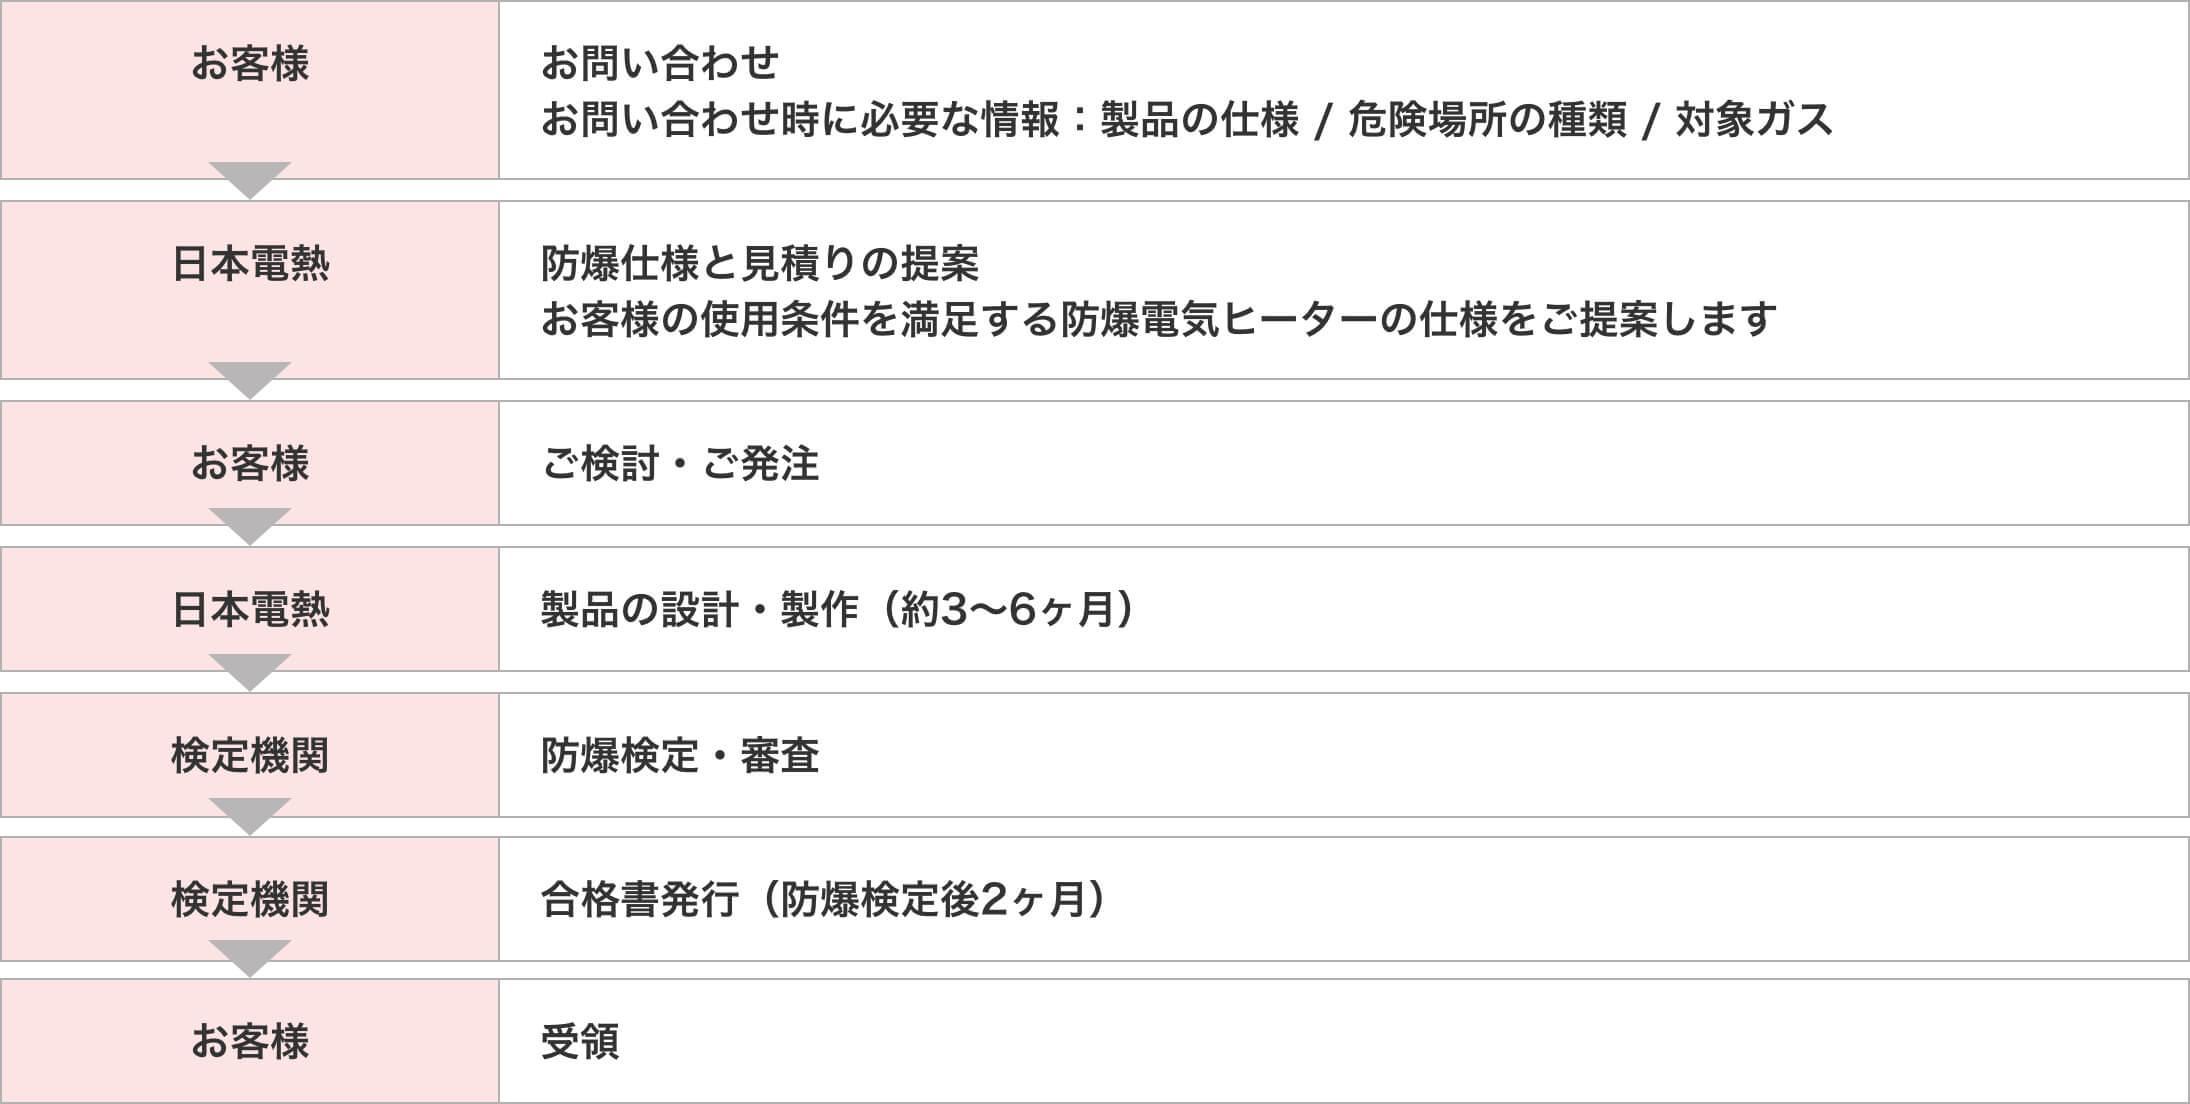 防爆仕様の対応の流れ(1)お客様:お問い合わせ/お問い合わせ時に必要な情報:製品の仕様/危険場所の種類/対象ガス(2)日本電熱:防爆仕様と見積の提案/お客様の使用条件を満足する防爆電気ヒーターの仕様をご提案します(3)お客様:ご検討・ご発注(4)日本電熱:製品の設計・制作(約3〜6ヶ月)(5)検定機関:防爆検定・審査(6)合格書発行(防爆検定後2ヶ月)(7)お客様:ご納品